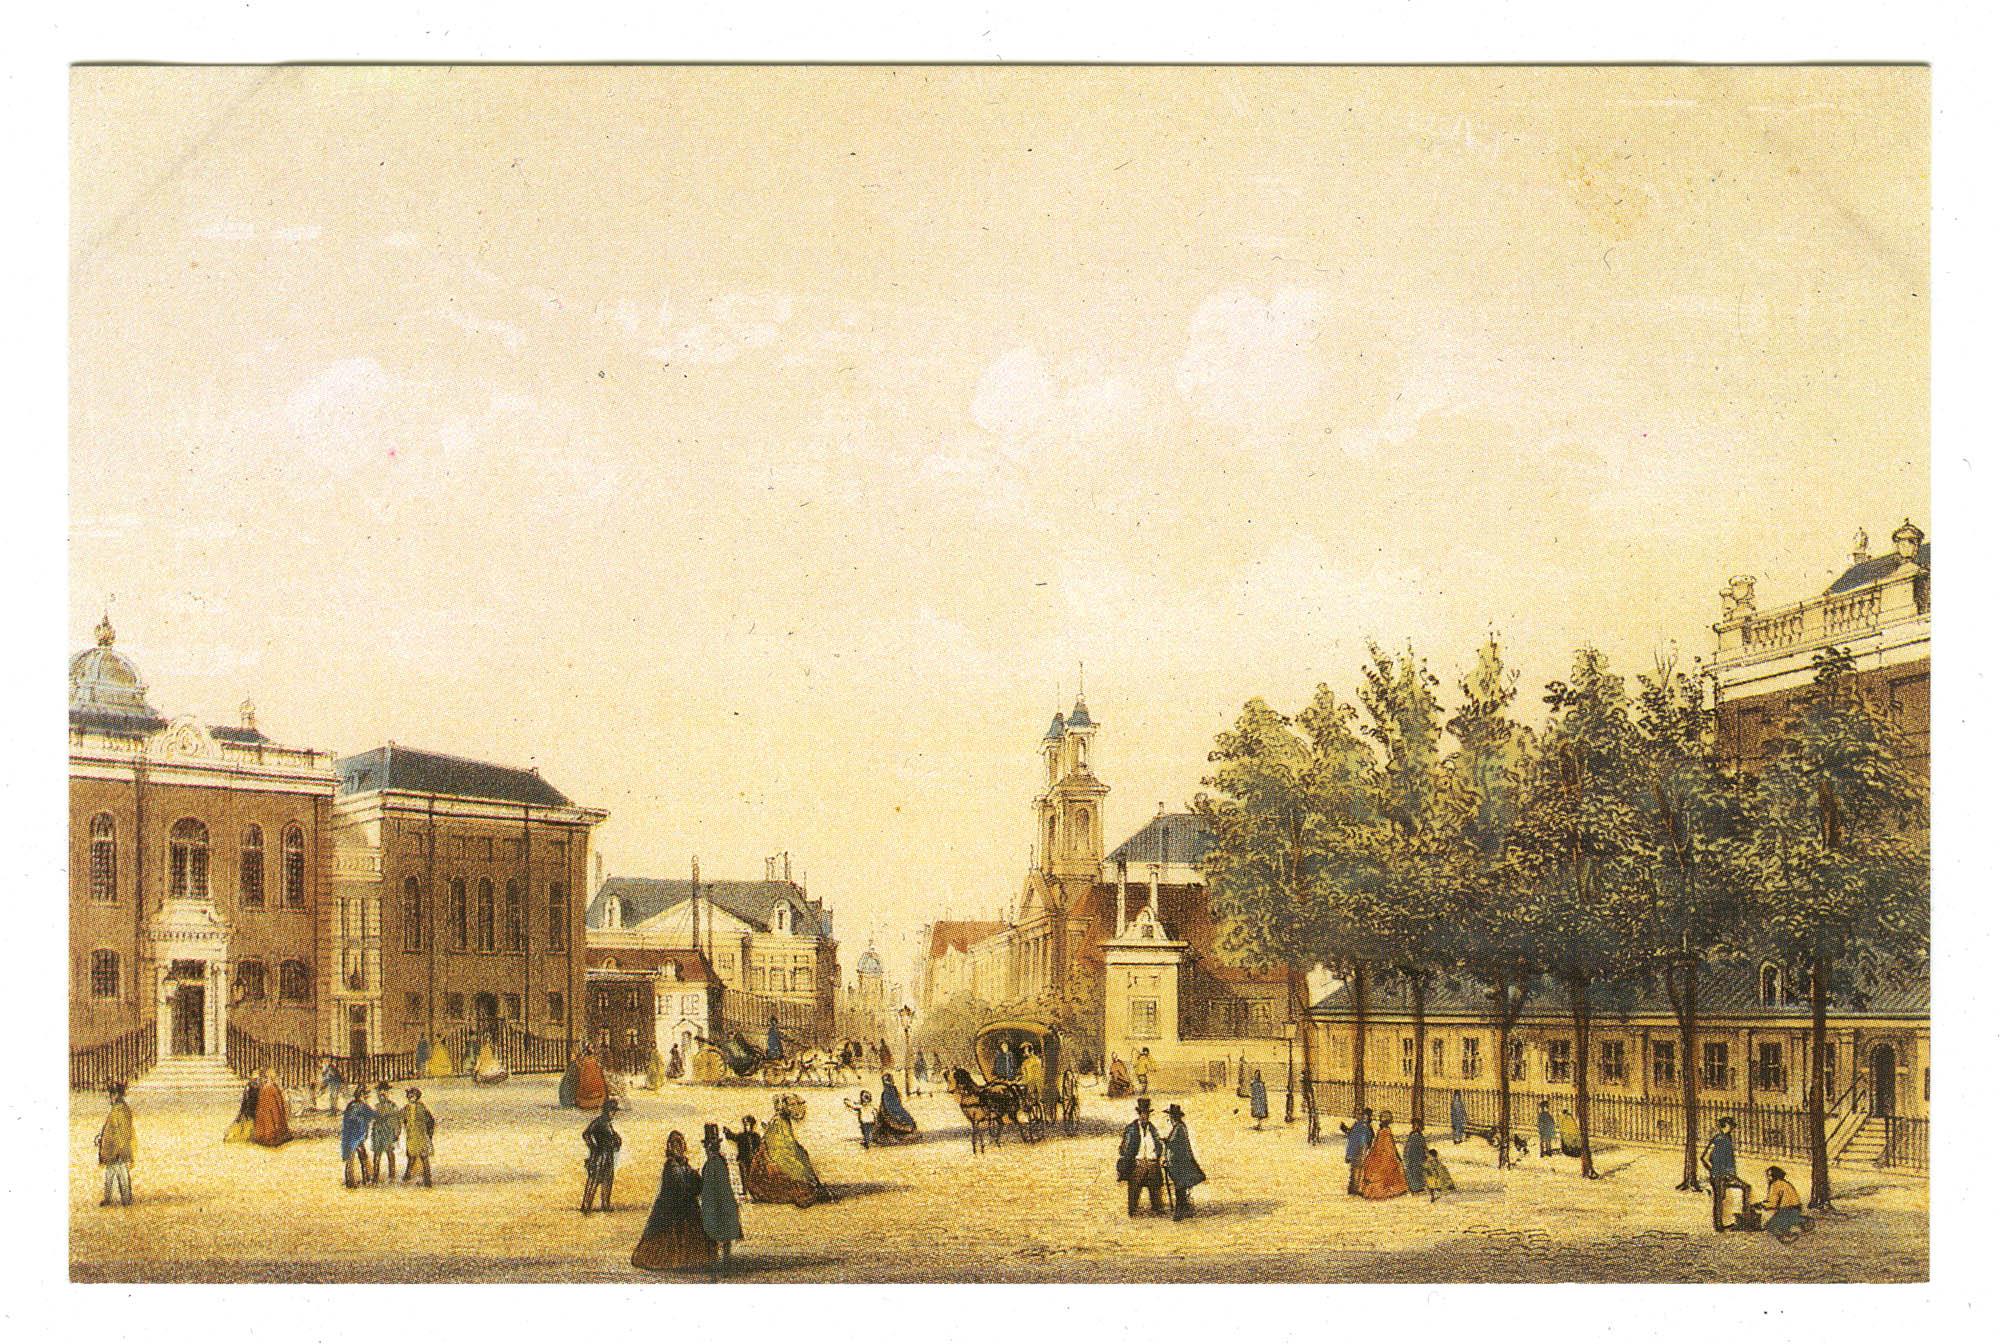 Deventer Houtmarkt, de Israëlitische synagogen. Willem Hekking jr. (1825-1904), kleurenlitho; 1861 / Deventer Houtmarkt, the Jewish synagogues. Willem Hekking jr. (1825-1904), chromolithography